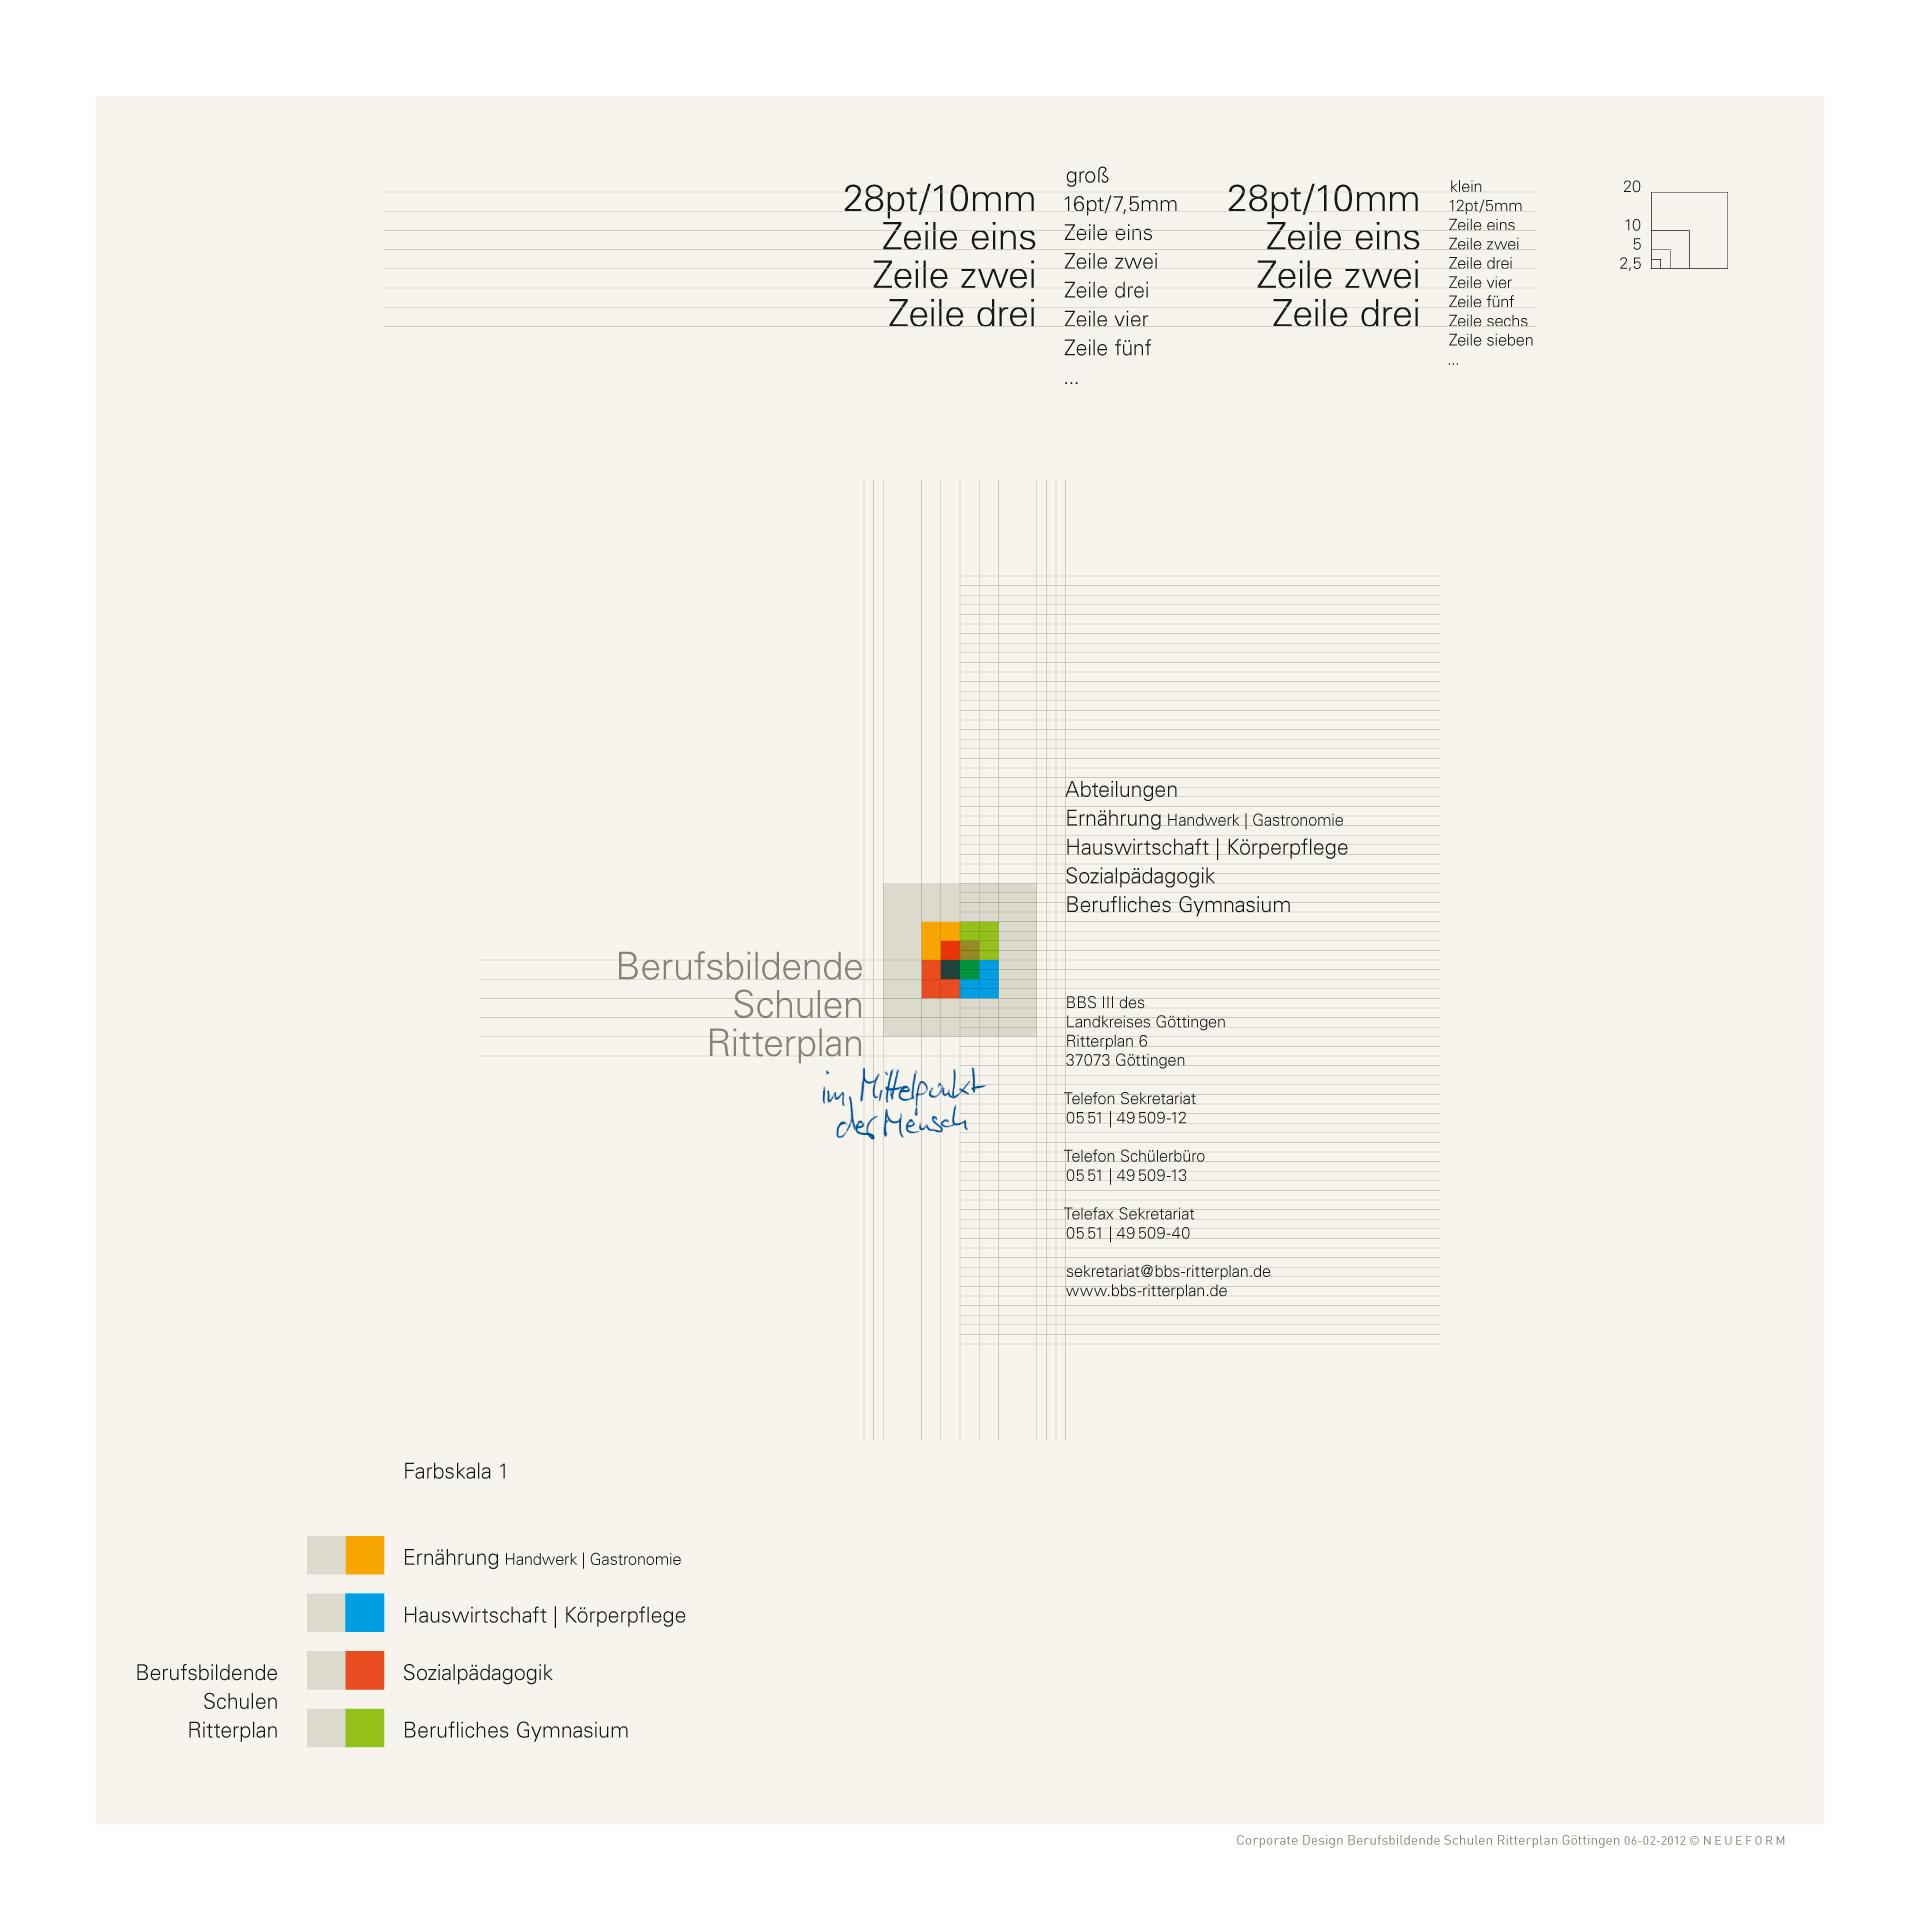 BBS III Göttingen, Wort-Bildmarke - Farb-, Größen- und Positionssystematik im typografischen Kontext